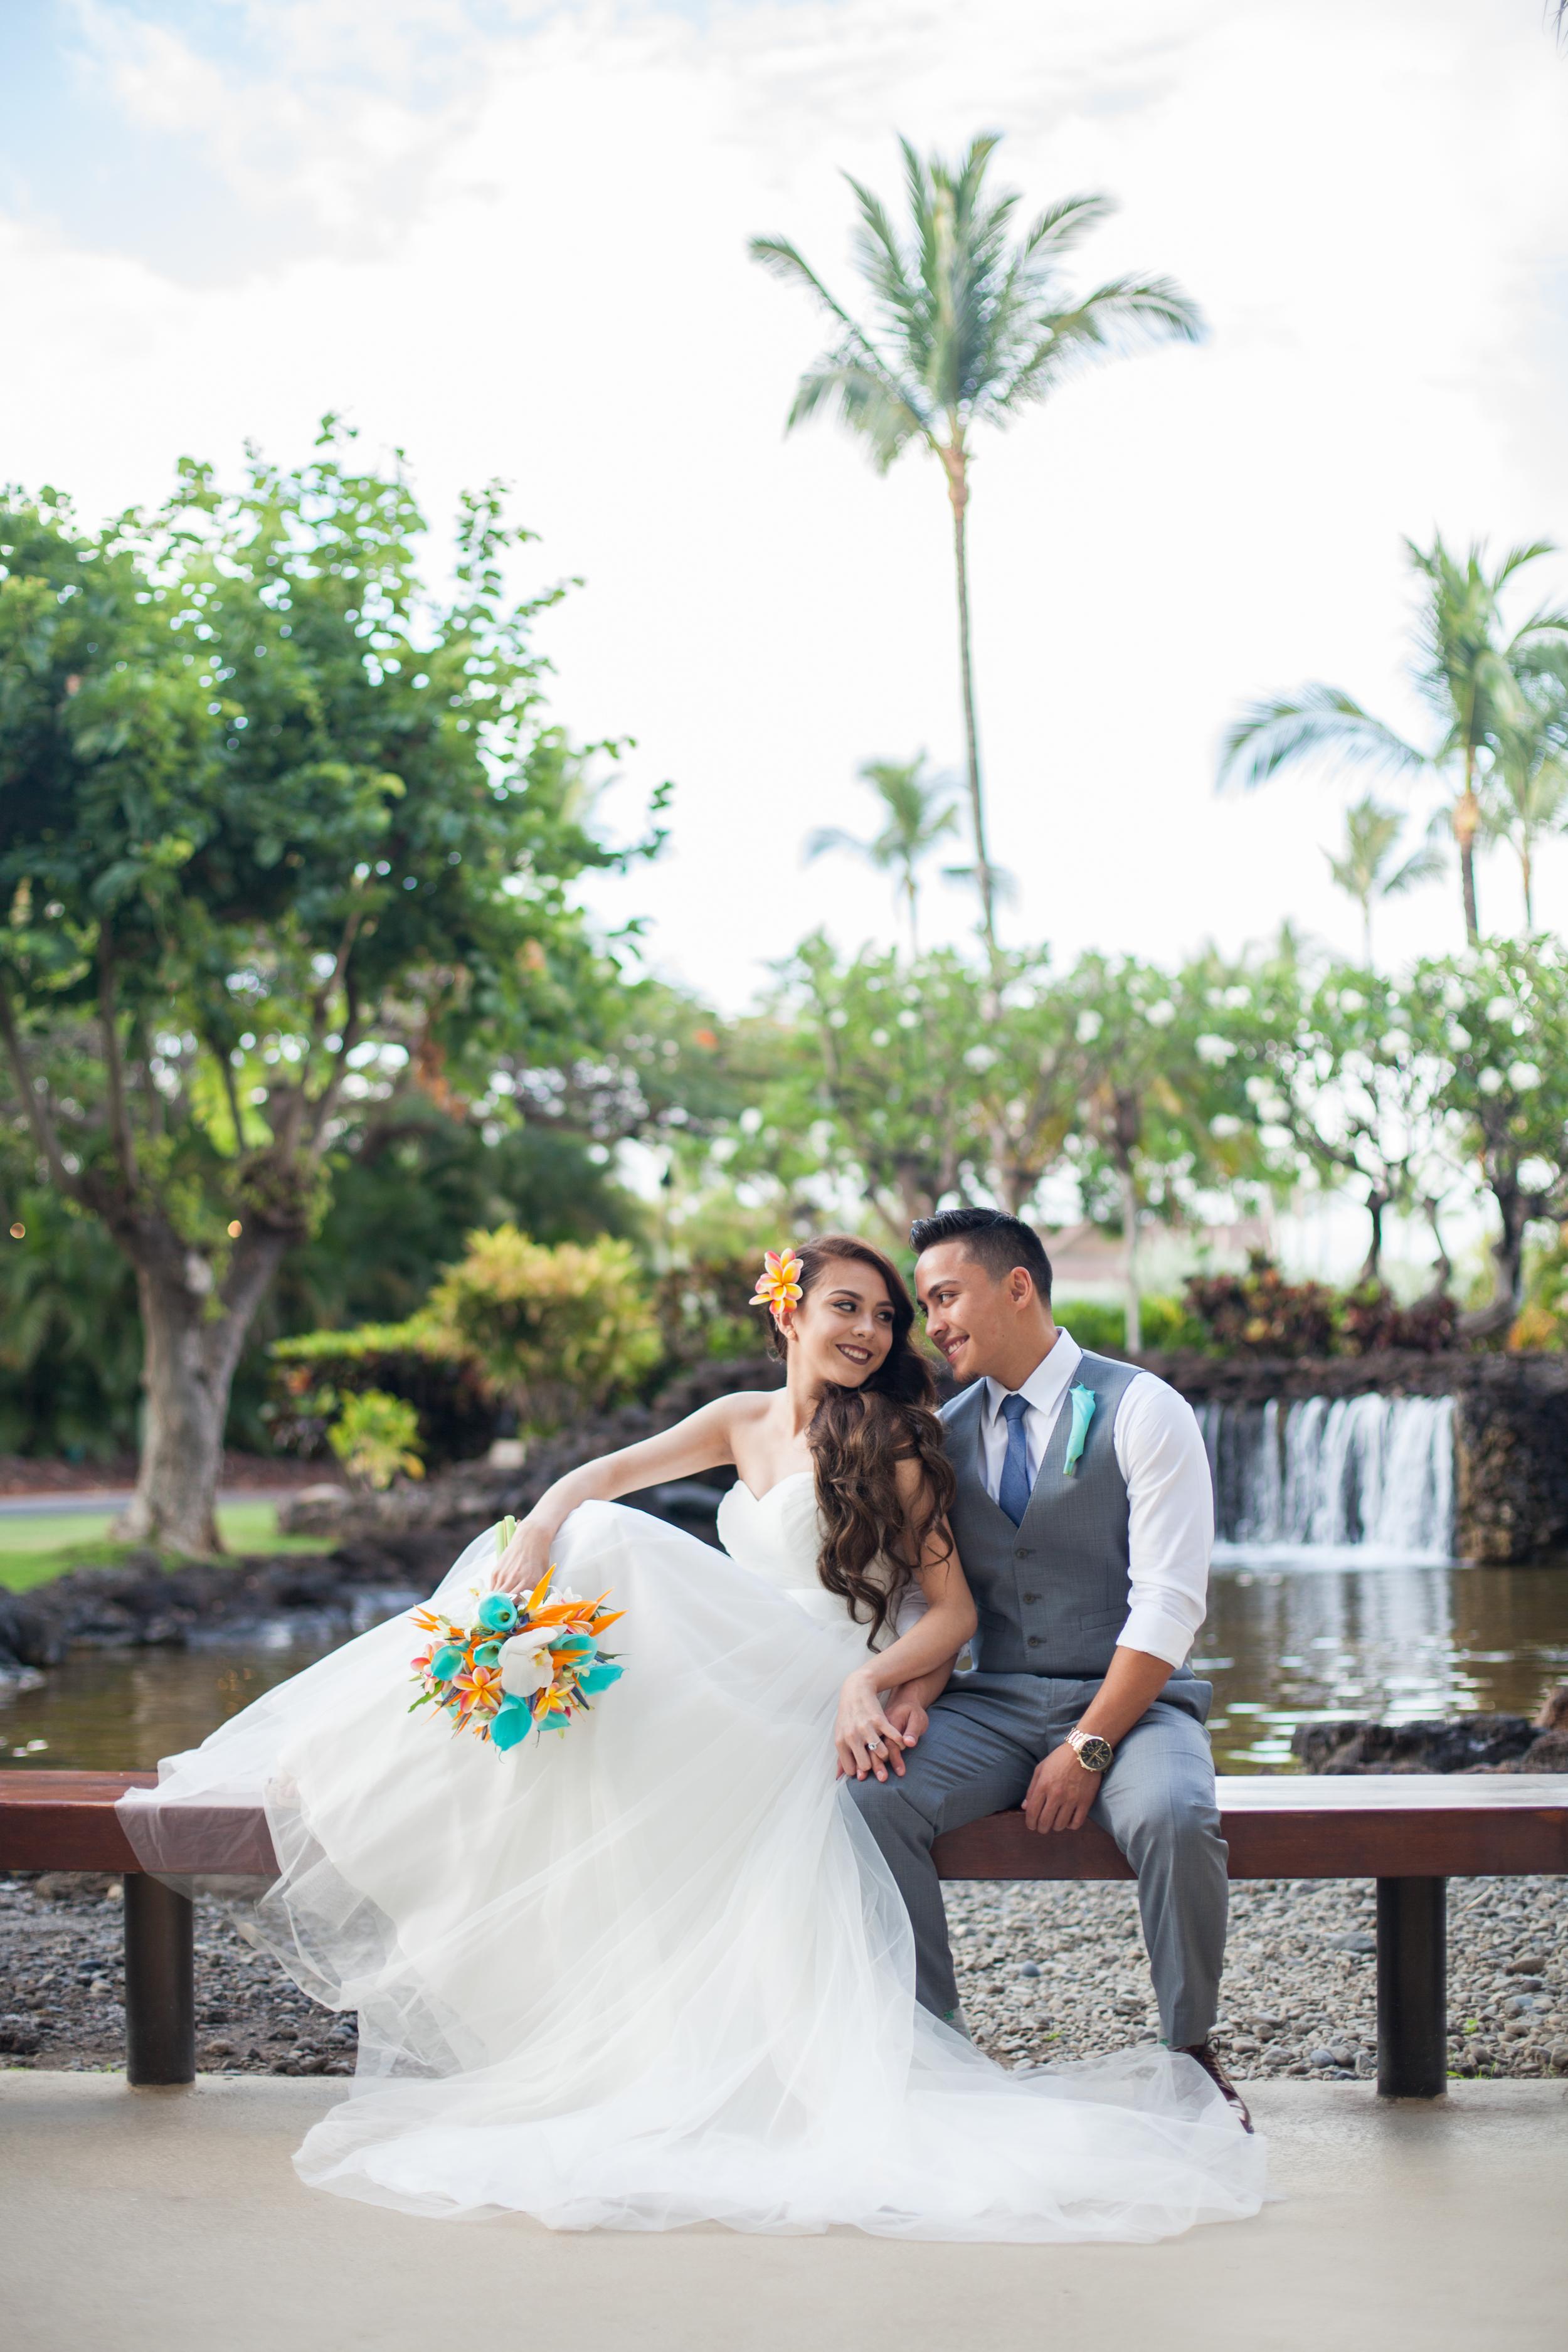 big island hawaii mauna lani resort wedding © kelilina photography 20160523180107-1.jpg